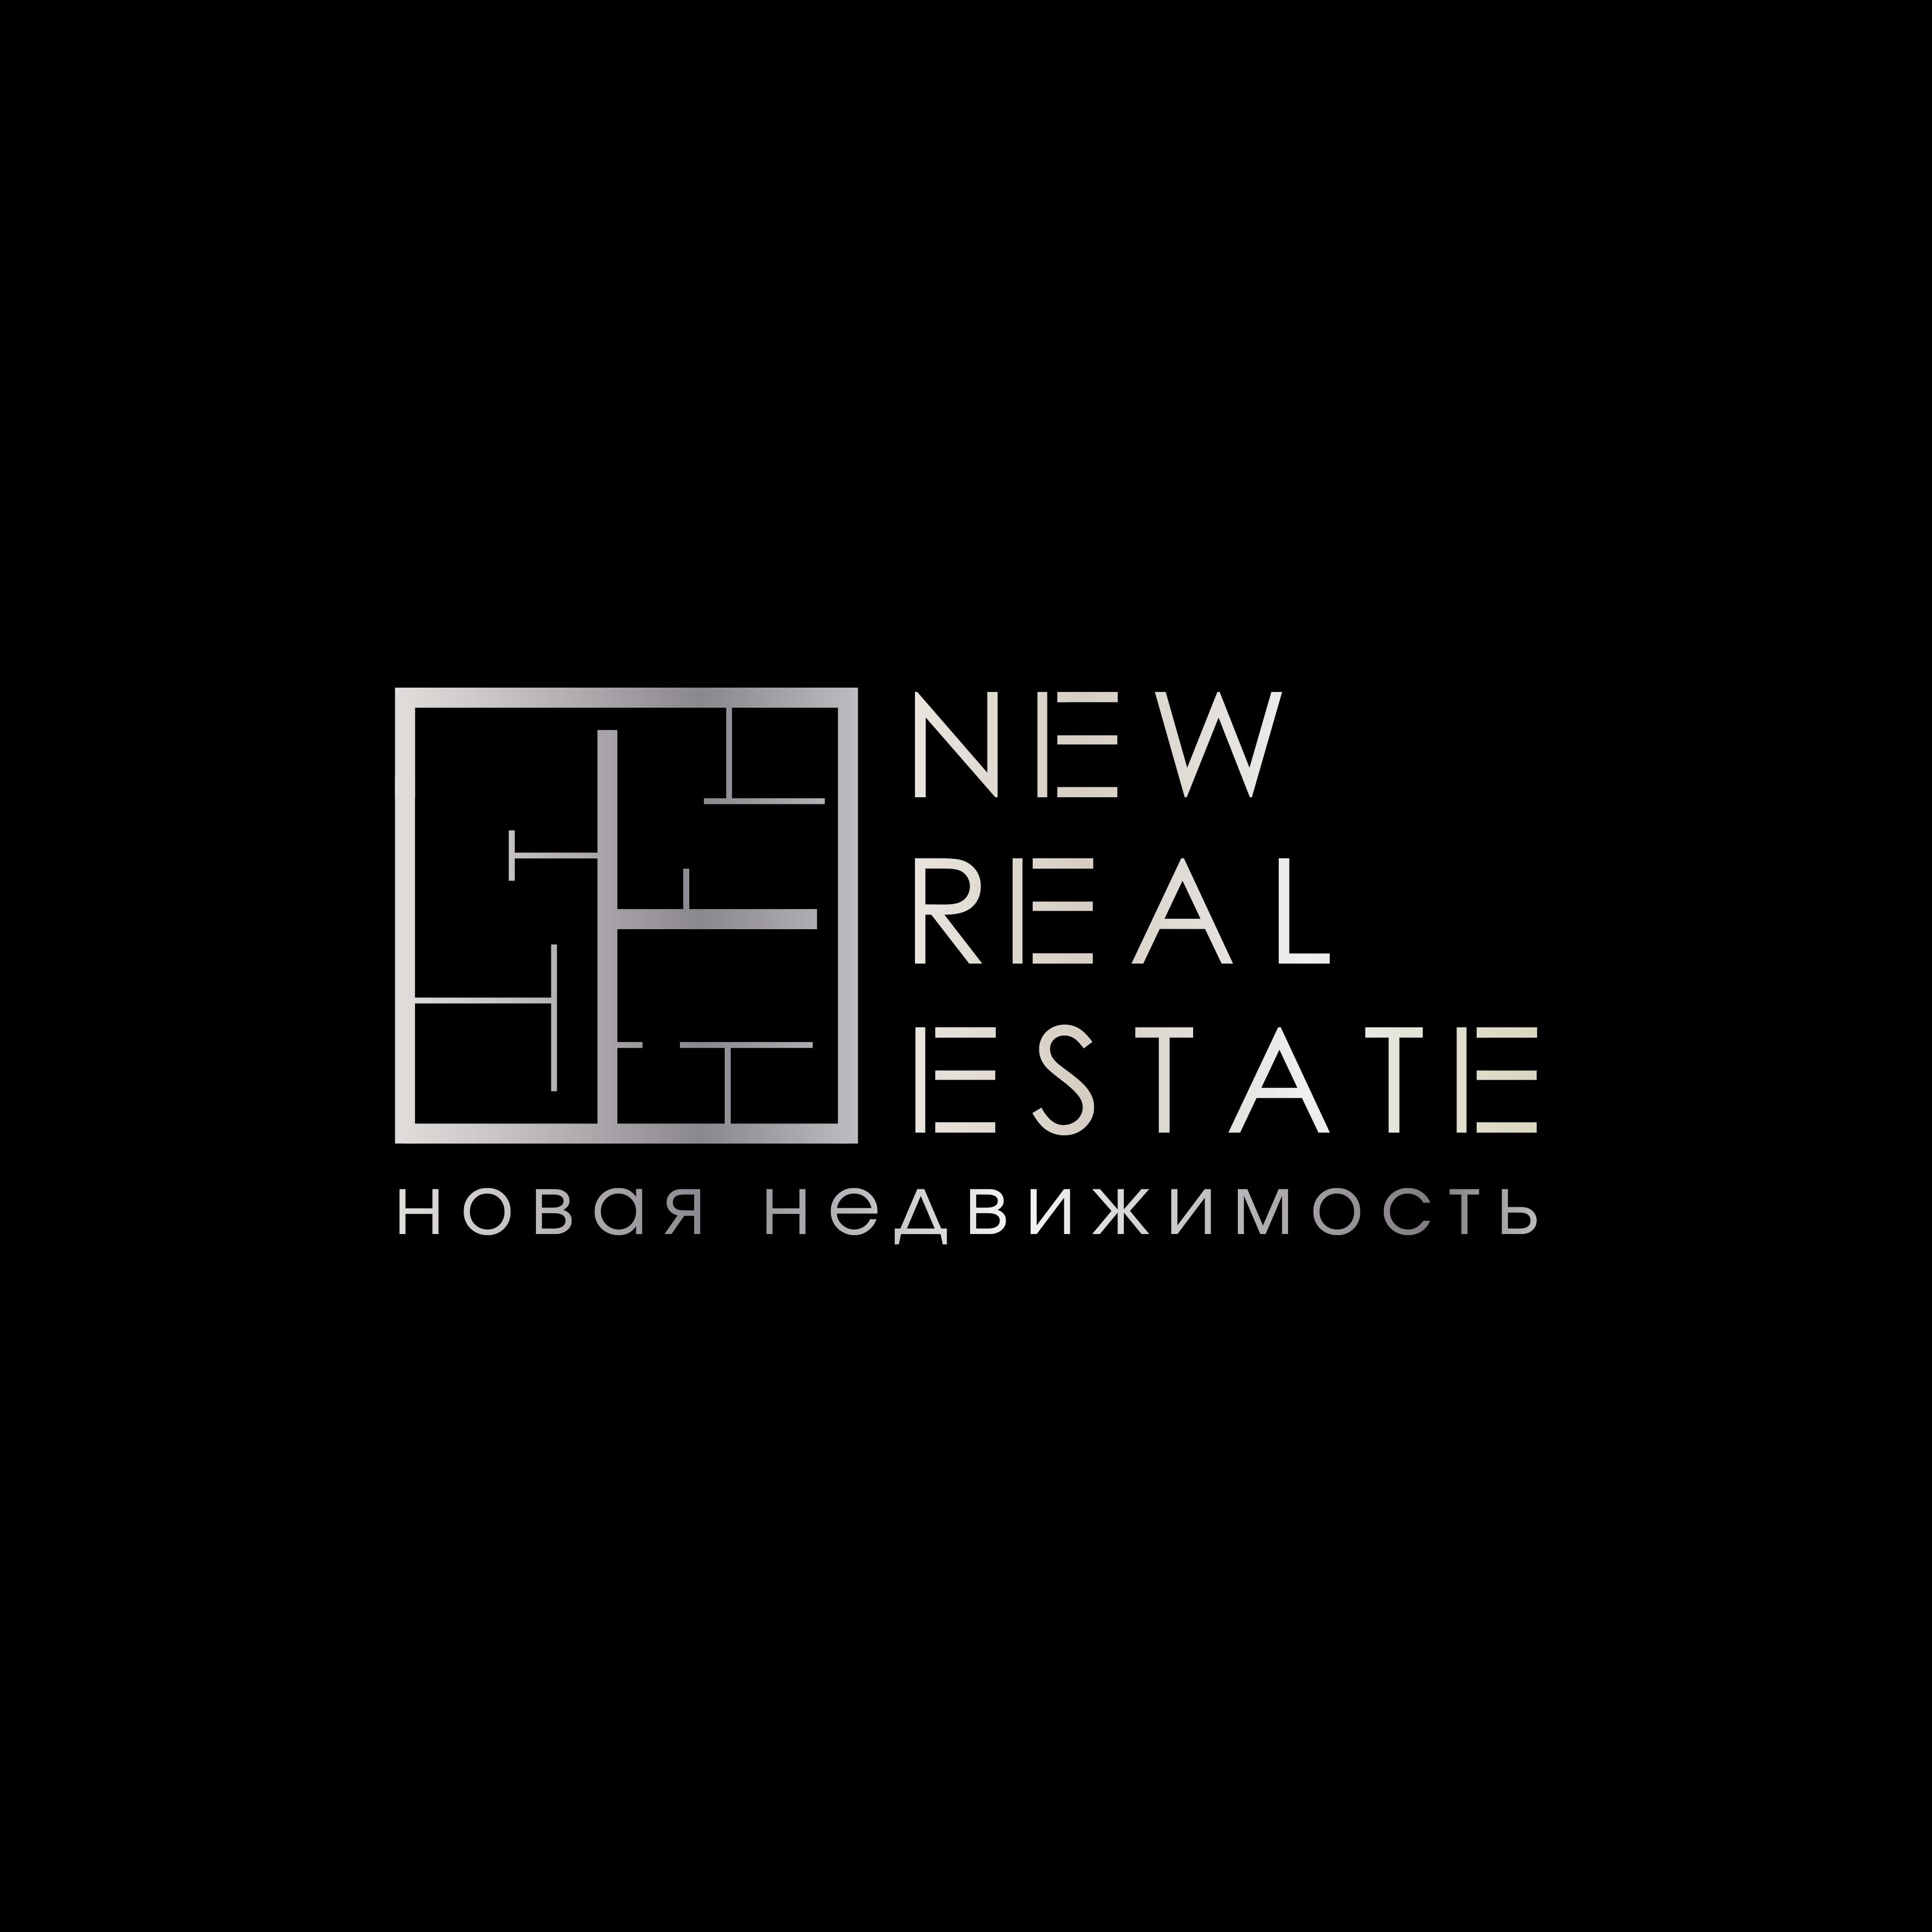 Новая недвижимость